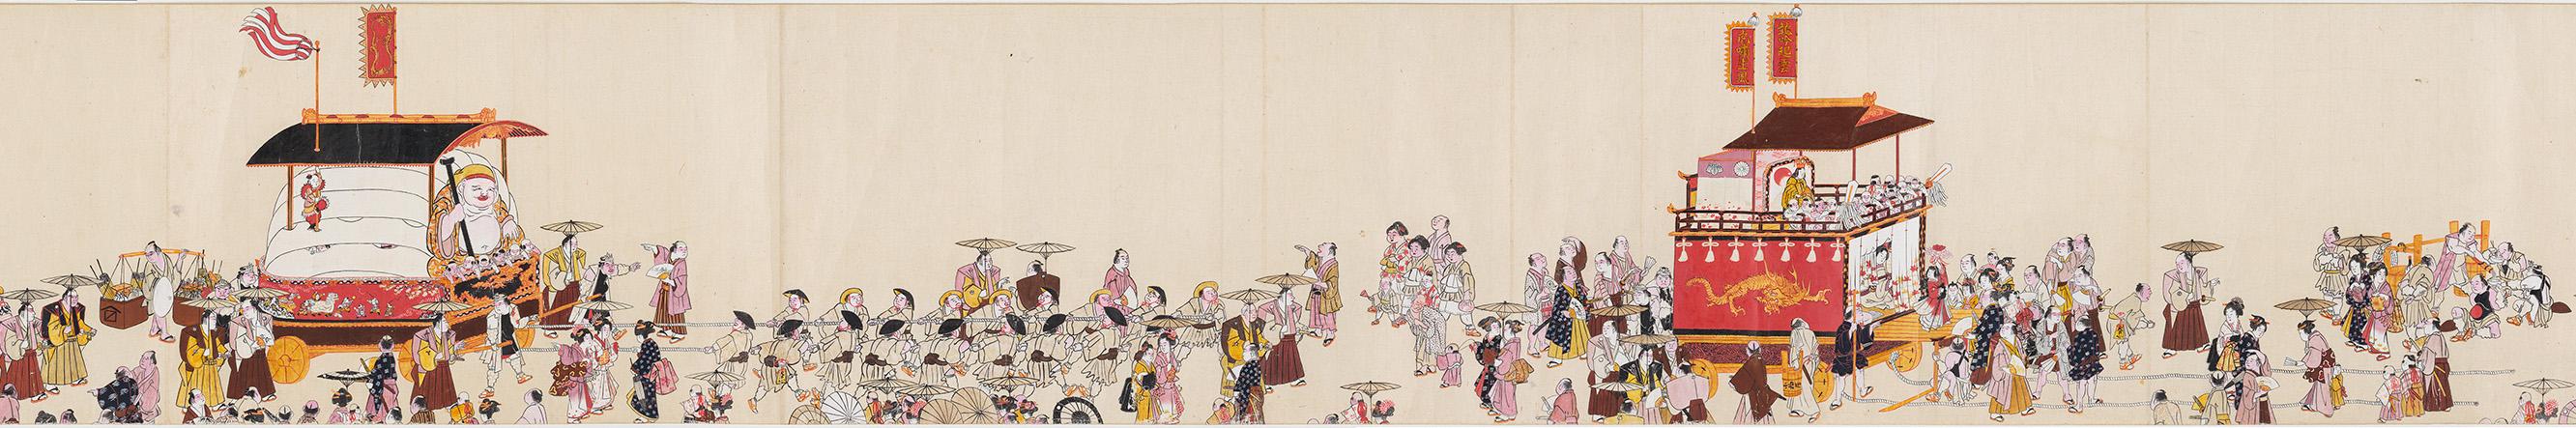 小浜祇園祭礼絵巻(廣嶺神社所蔵)